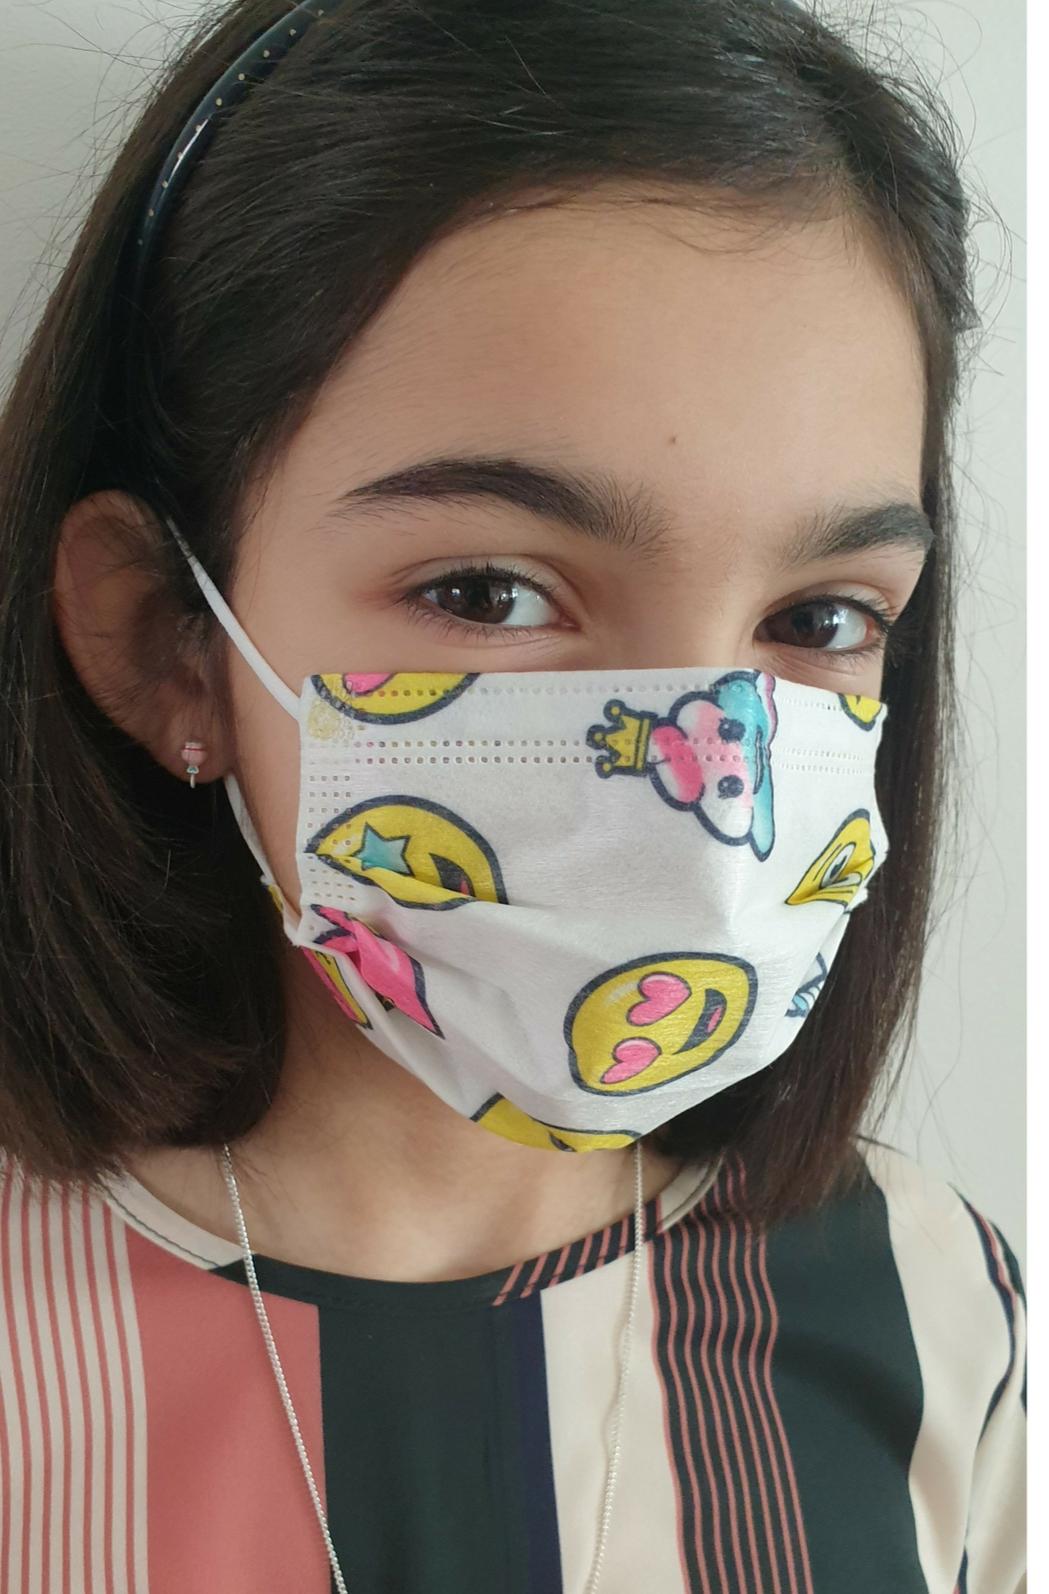 20 Masques chirurgicaux pour enfants. Lequel votre p\'tit bout choisira t-il?